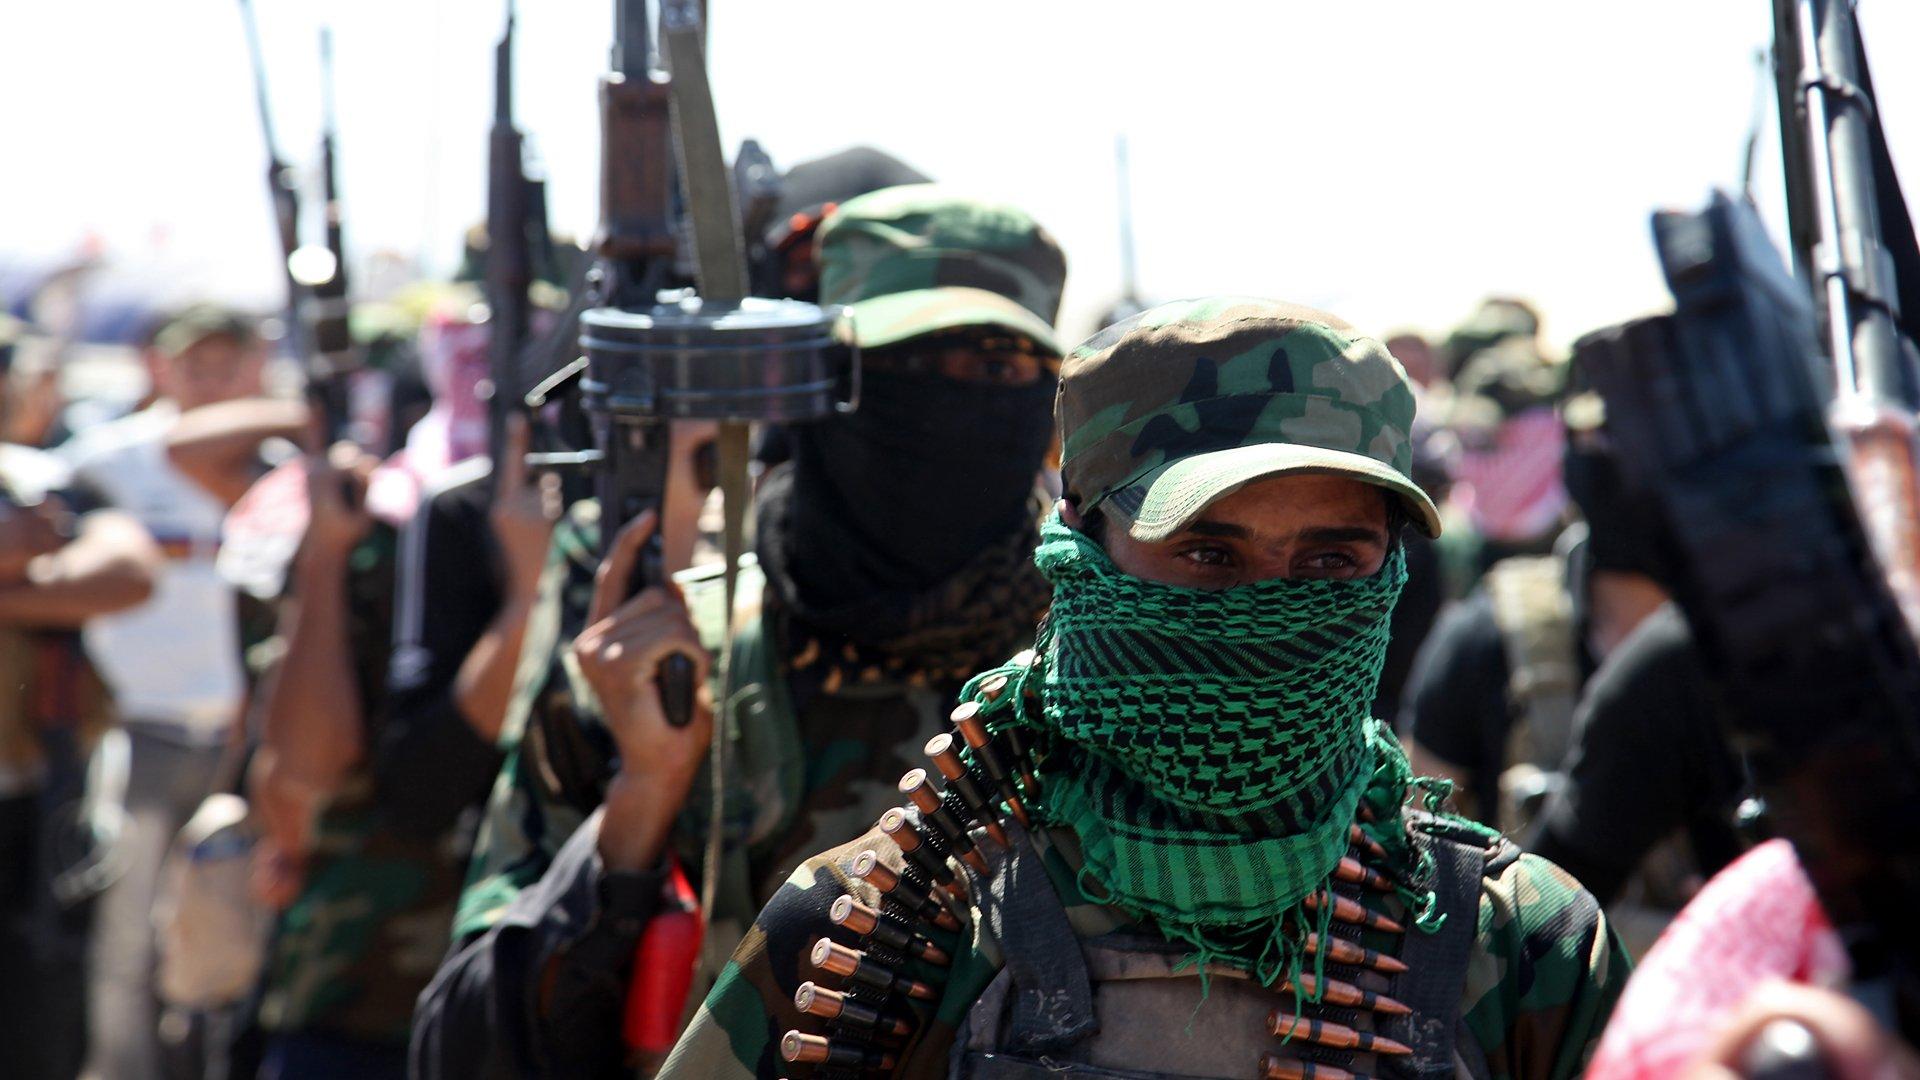 Госдеп объявил о переговорах с Москвой по захваченным в Сирии россиянам